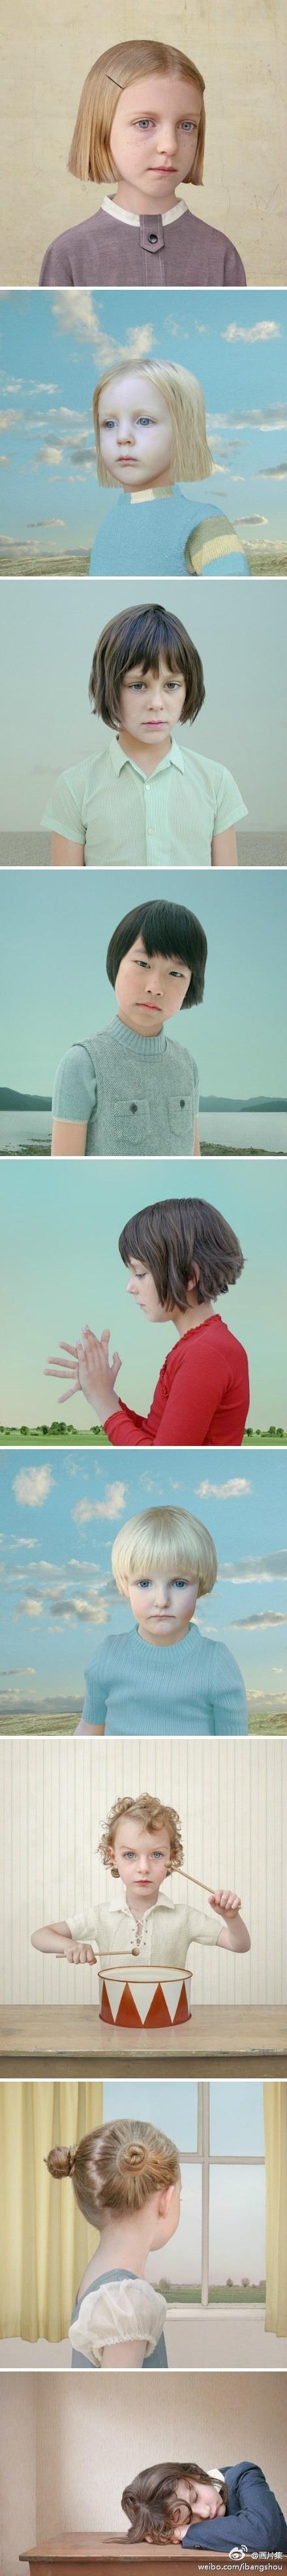 孤獨臉。如果不能被理解 也不能被好好陪伴 孤独就是自由。作者:德国的女摄影师Loretta Lux